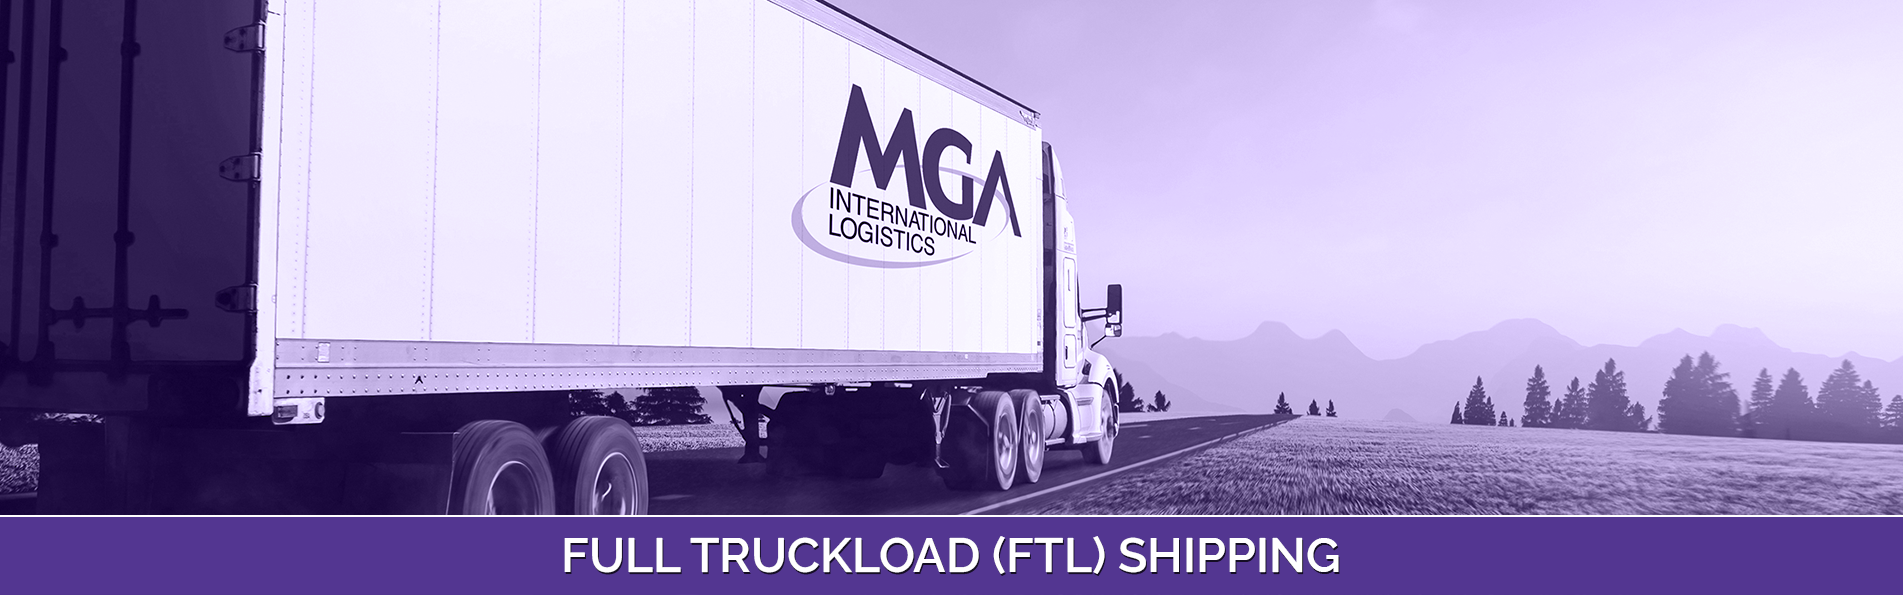 Full Truckload (FTL) Shipping